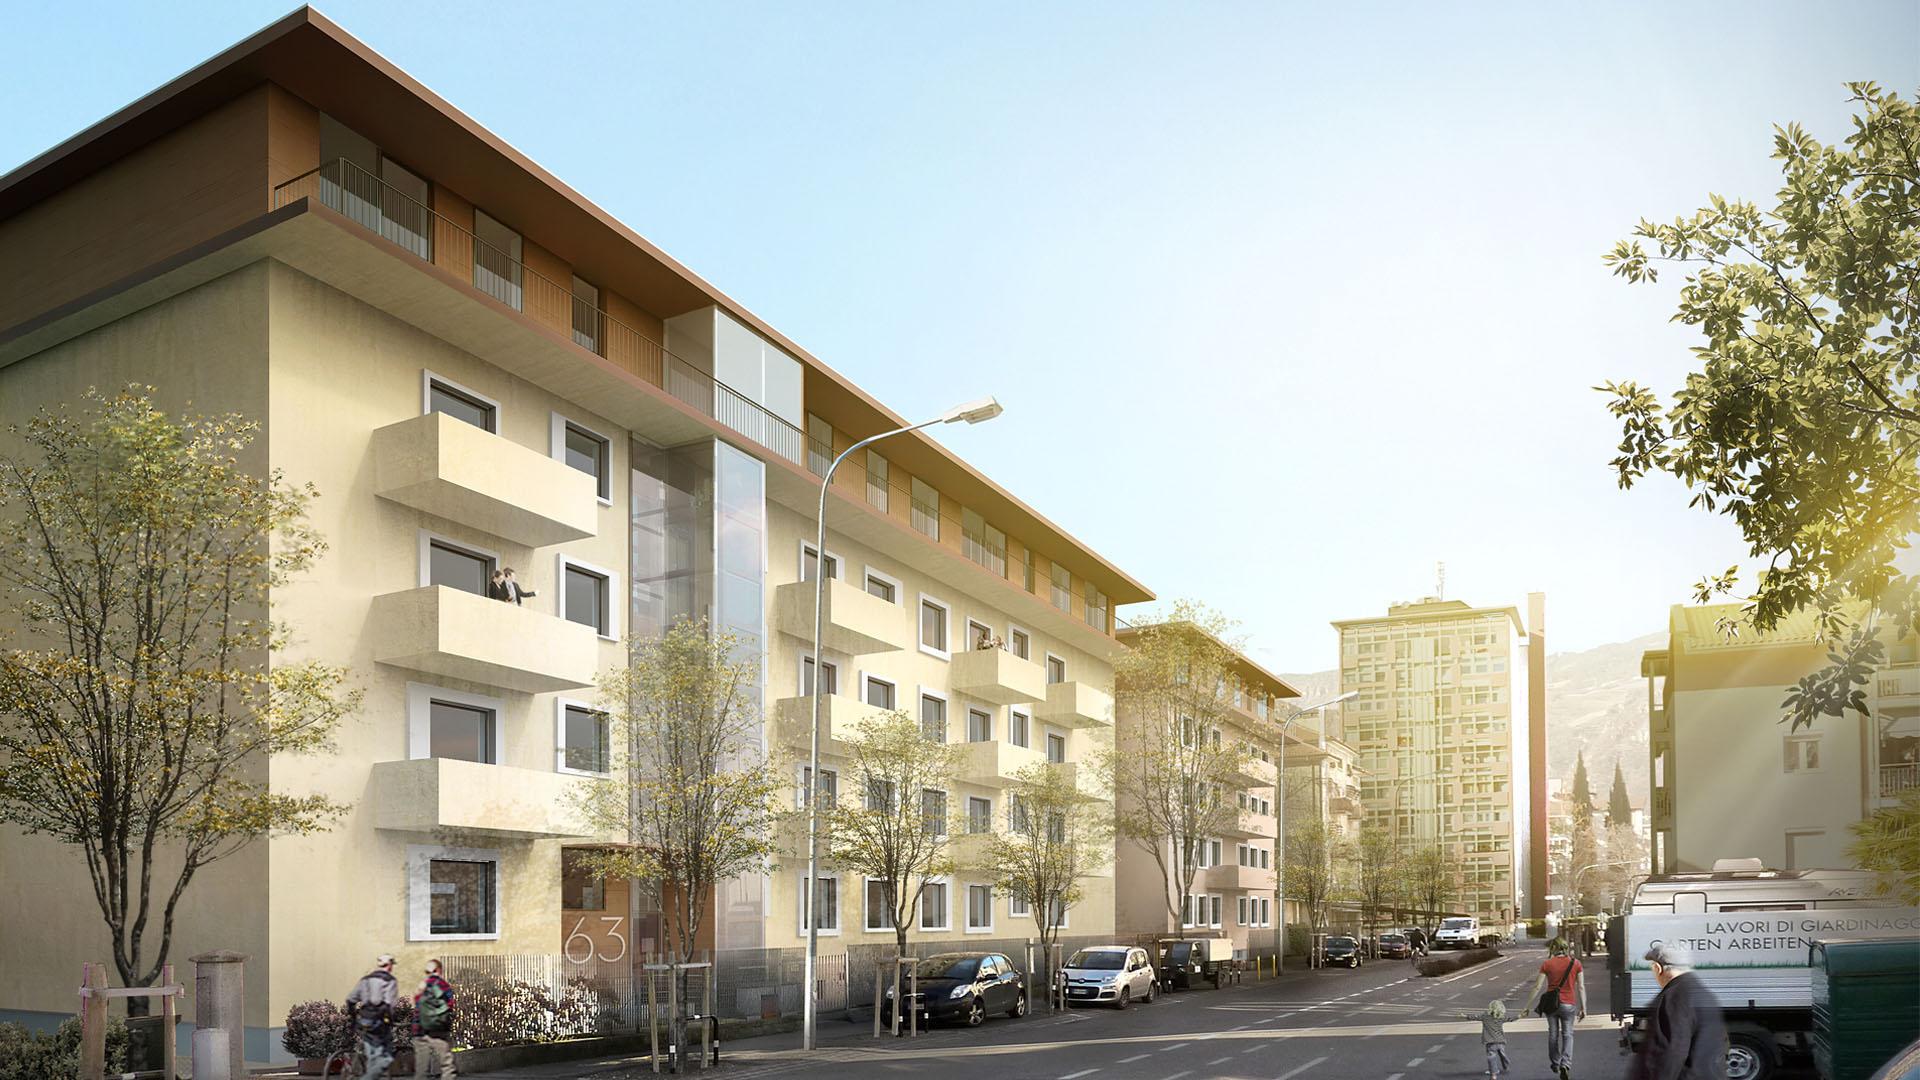 Energetische Sanierung Parmastrasse, Bozen